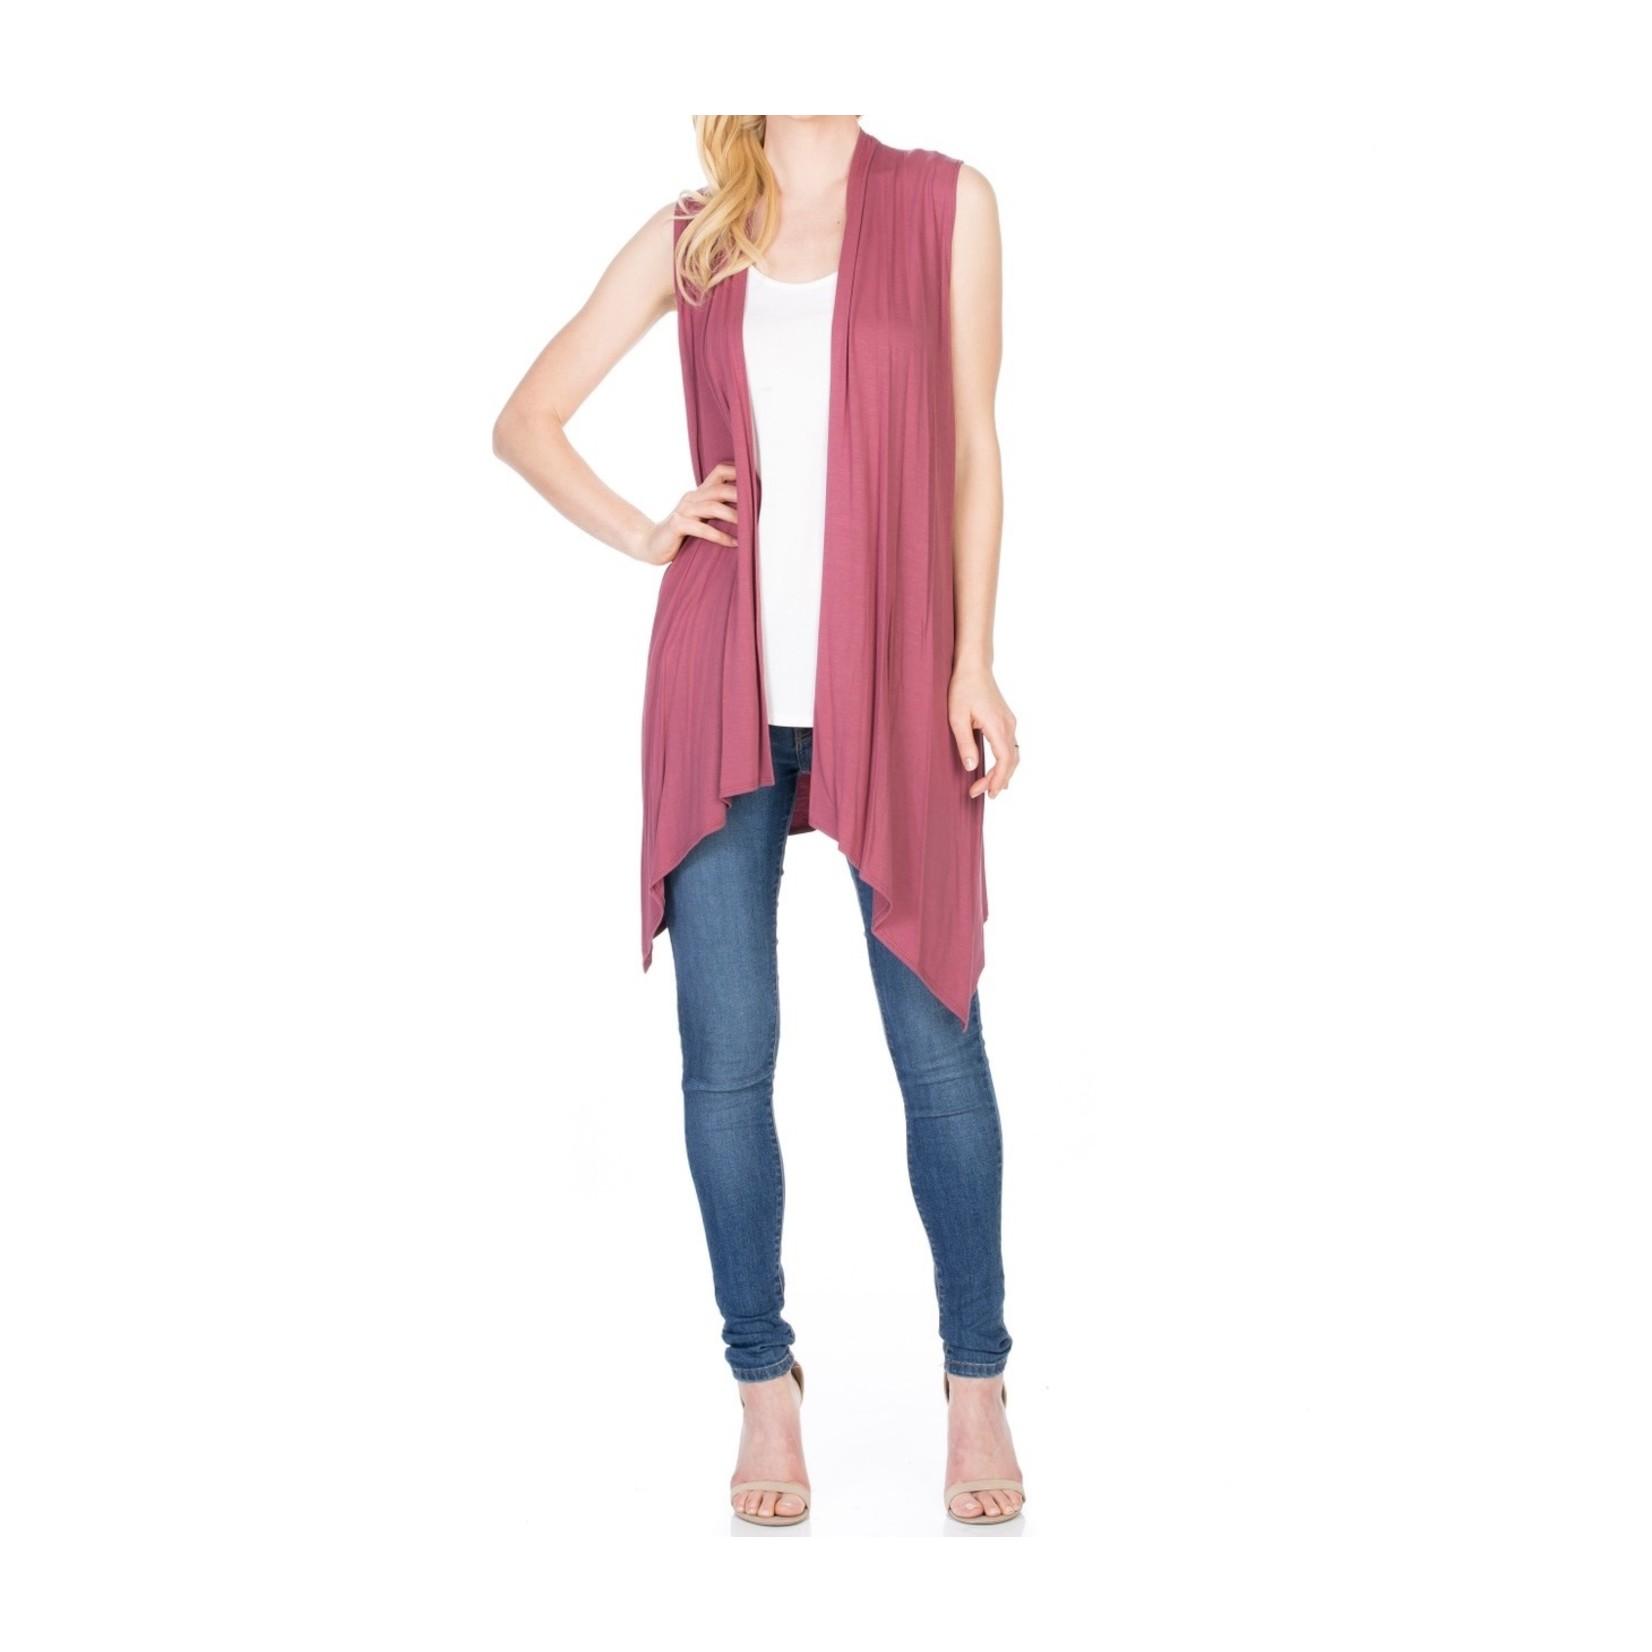 Azules Knitwear: Lightweight Vest